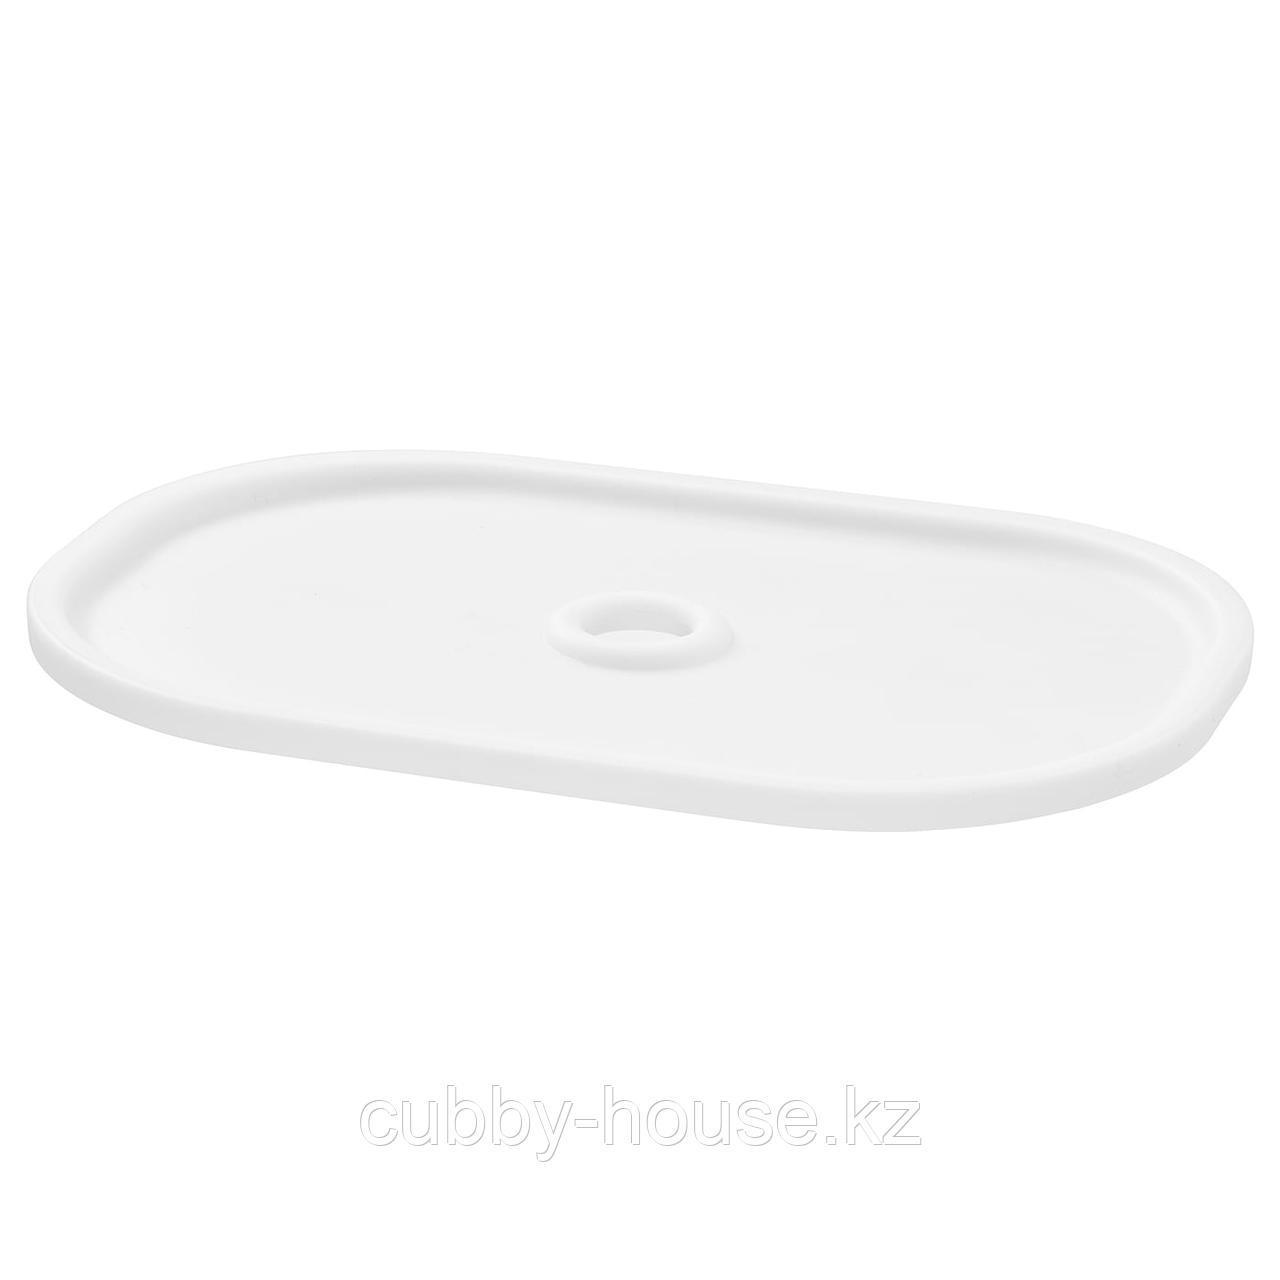 ТРУФАСТ Крышка, белый, 20x28 см